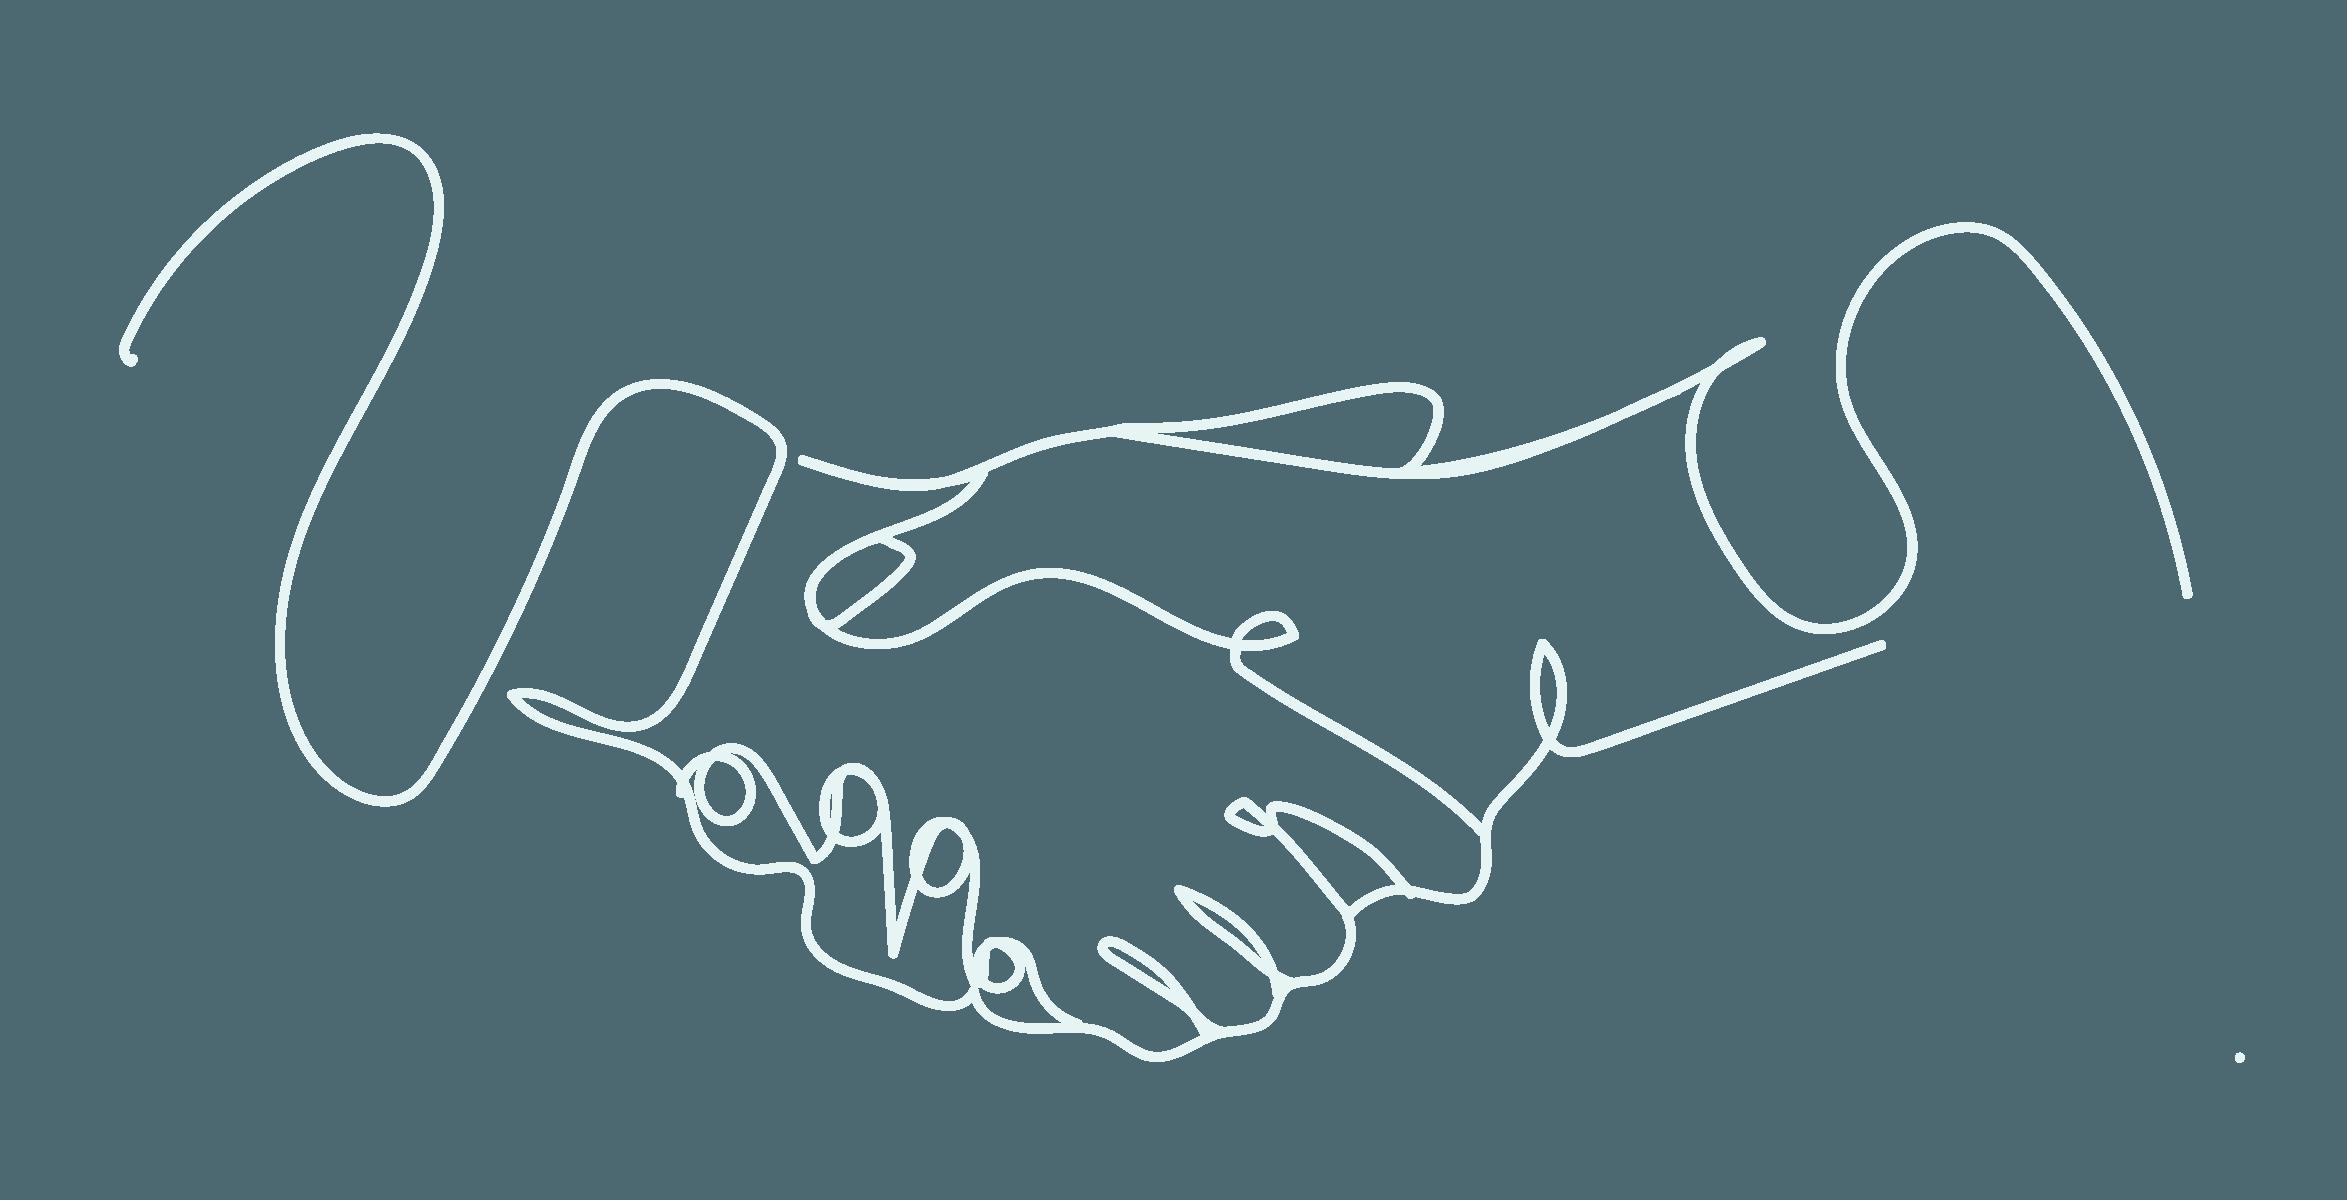 Stilisierte Zeichnung: sich die Hände geben